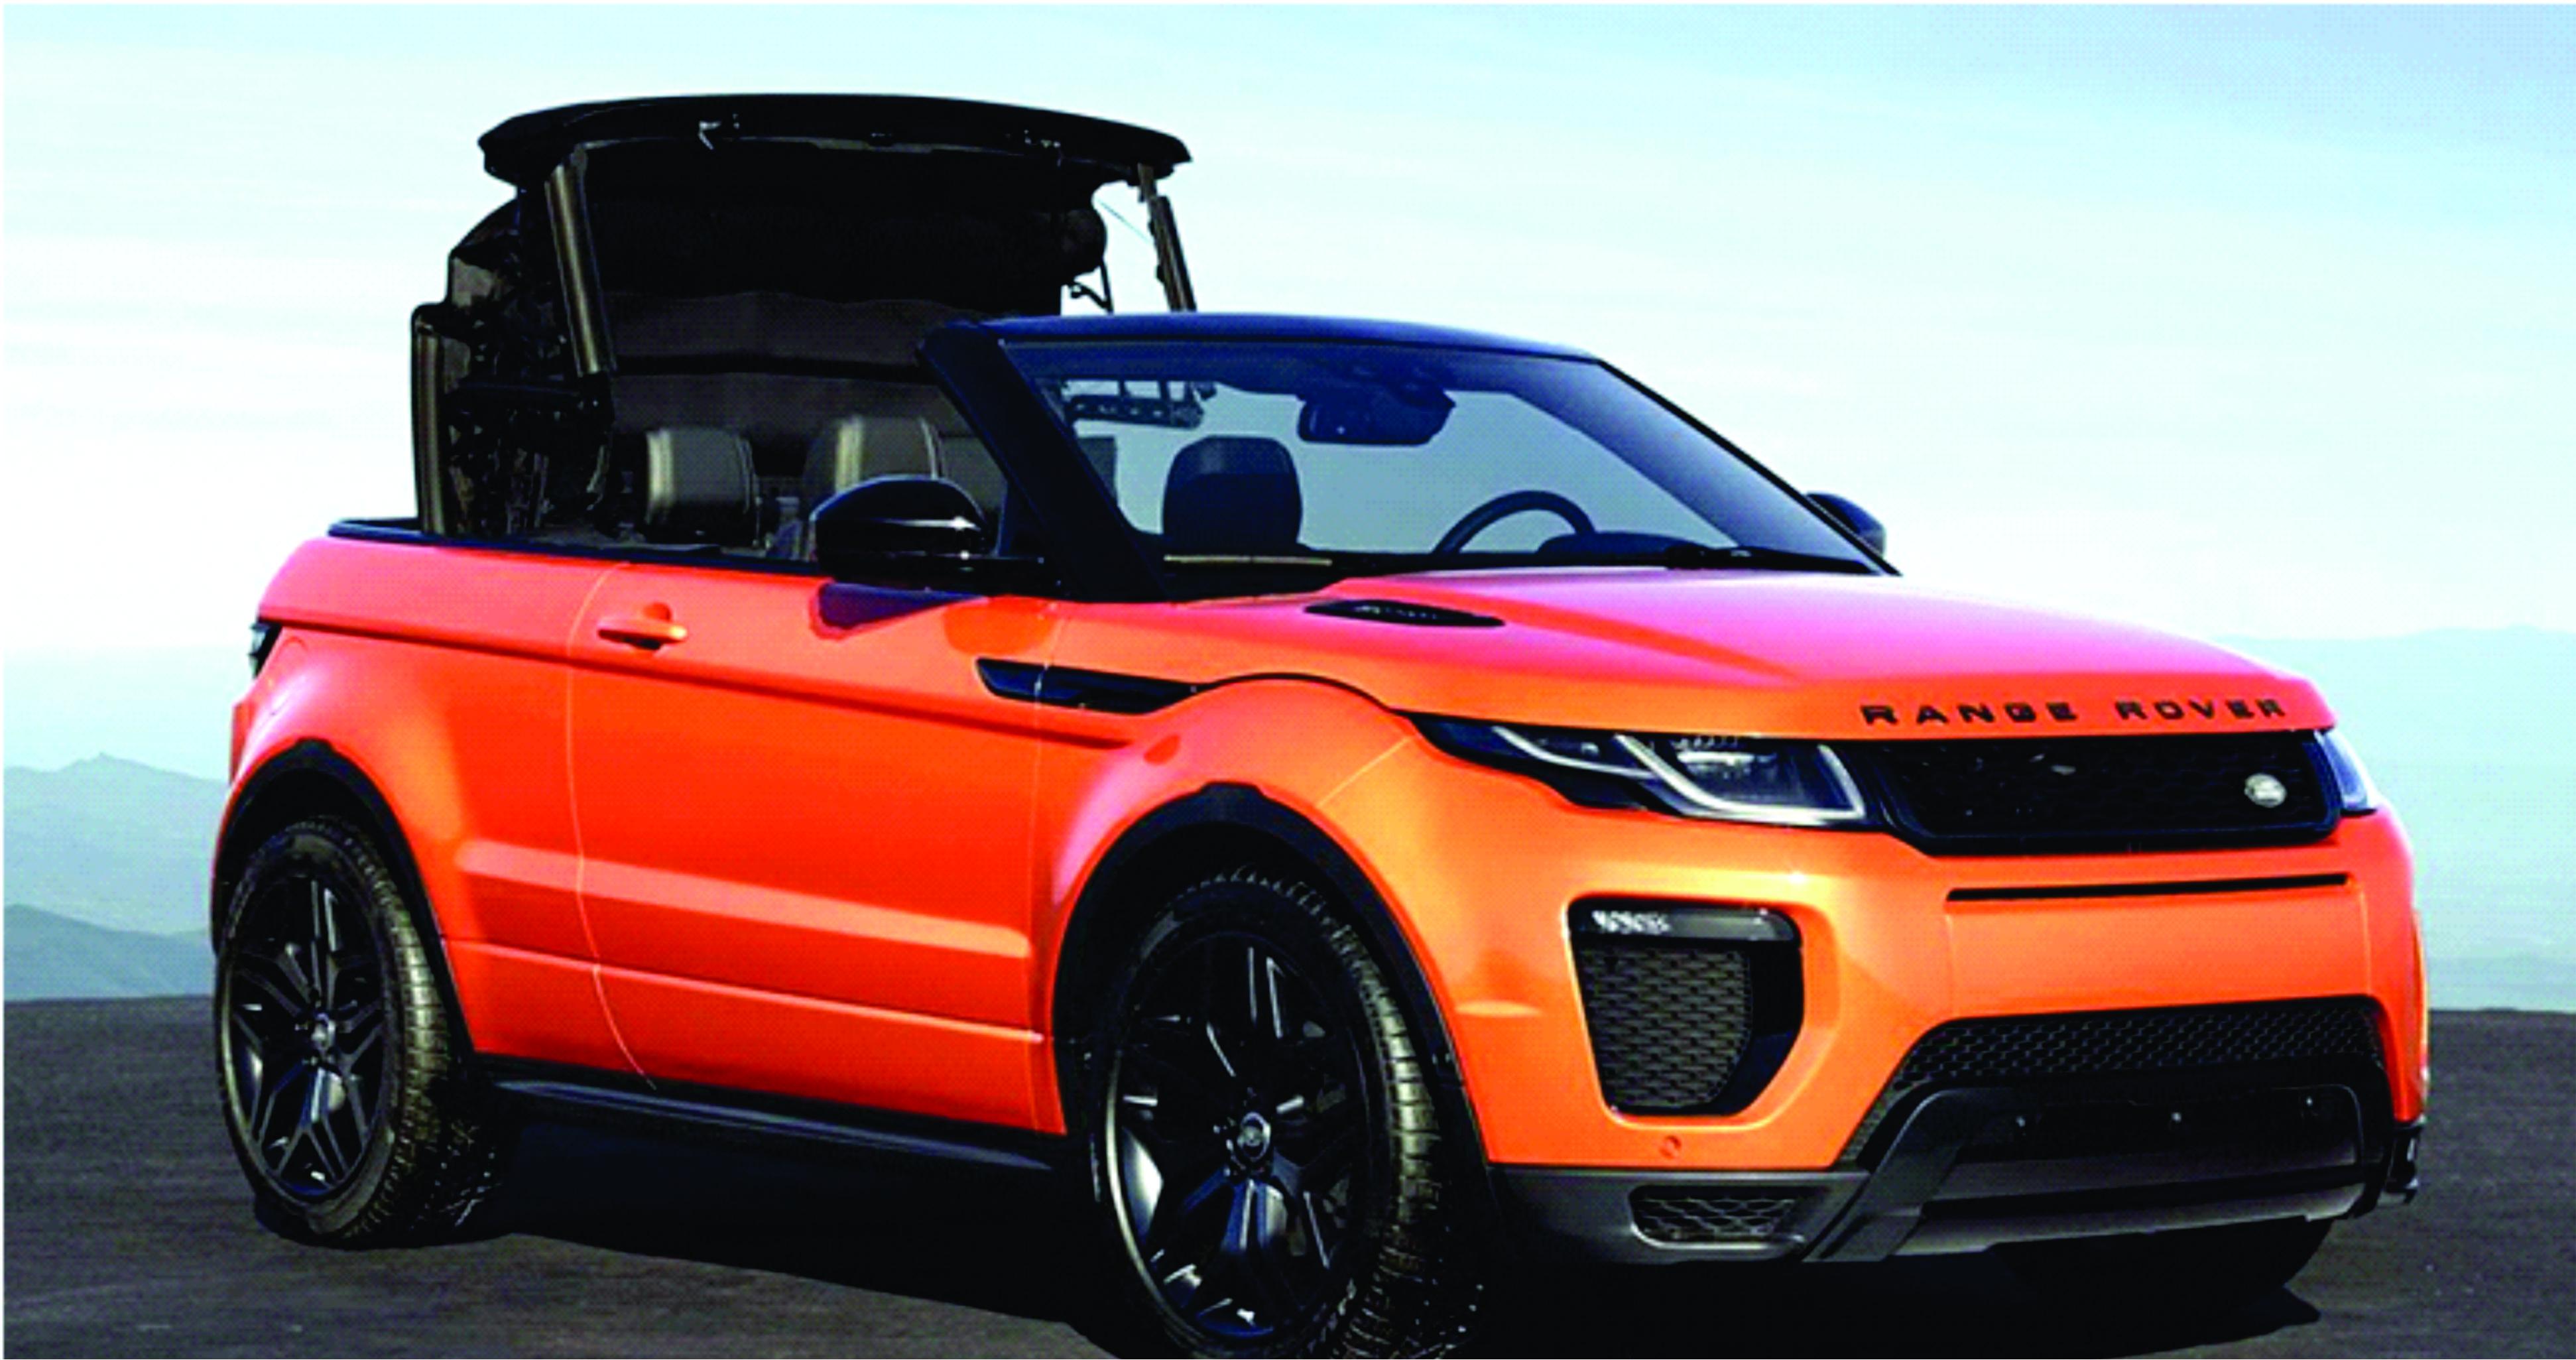 Range Rover Evoque …world s first luxury SUV convertible